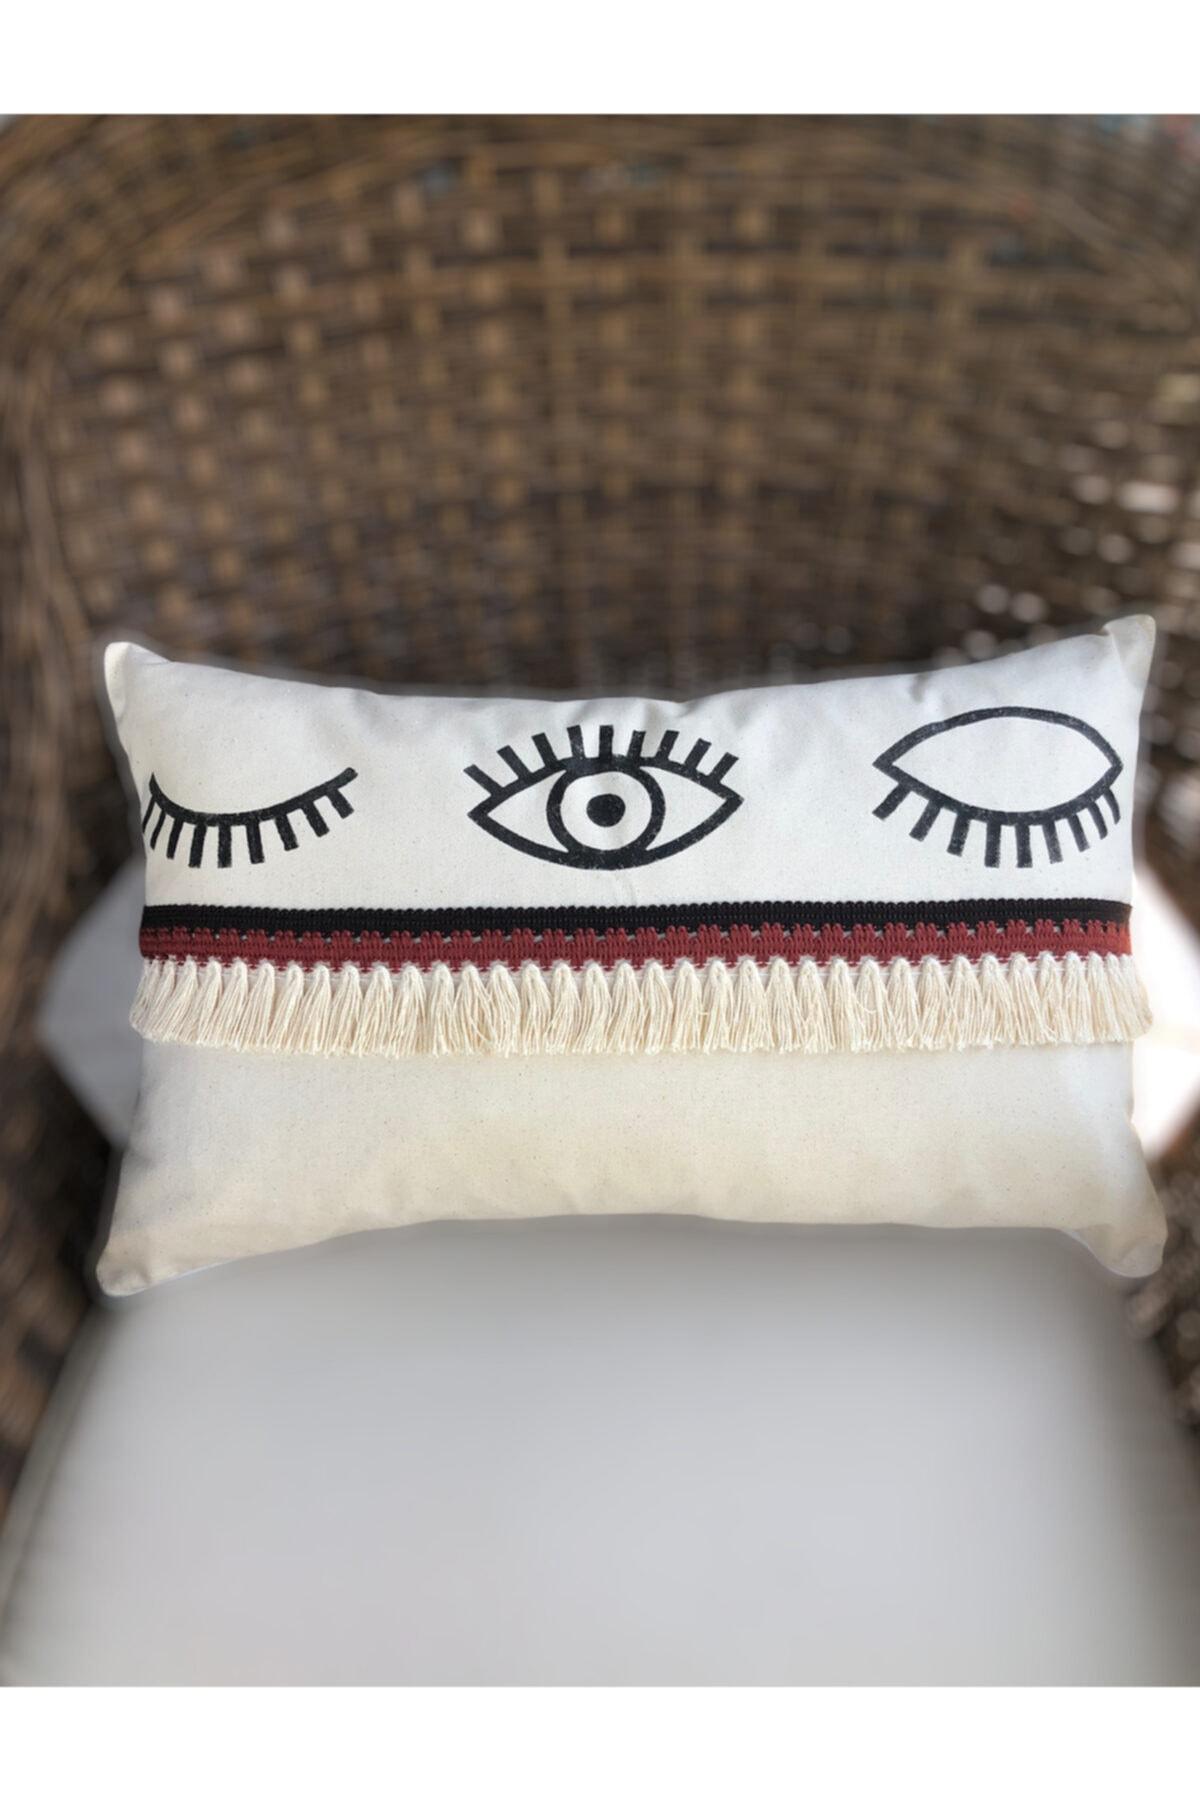 Özel Tasarım Keten Göz Nazar Desen El Boyama Dekoratif Kırlent Kılıfı